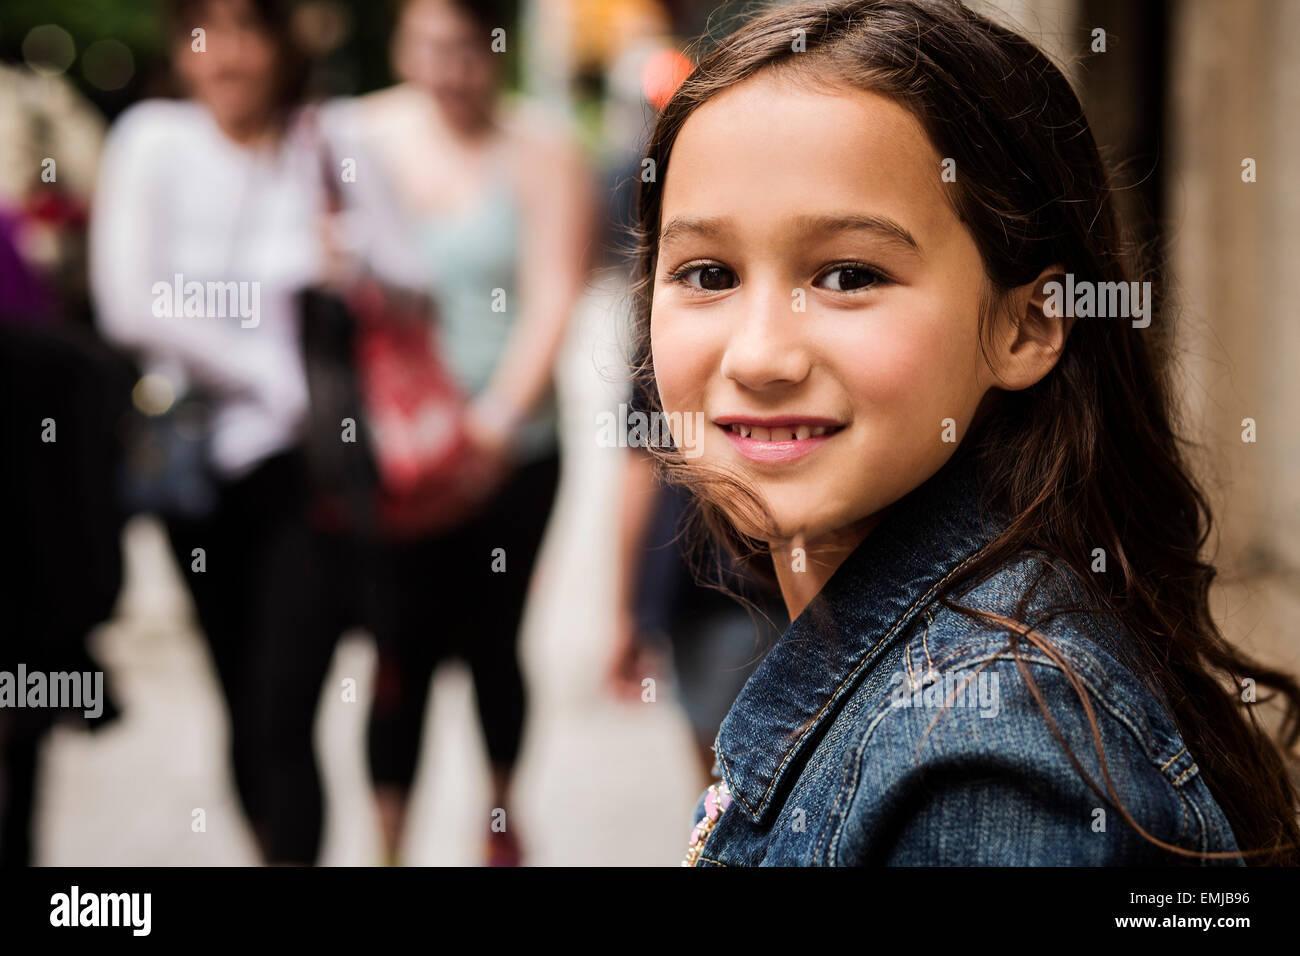 Portrait of Smiling junge Mädchen, close-up Stockbild